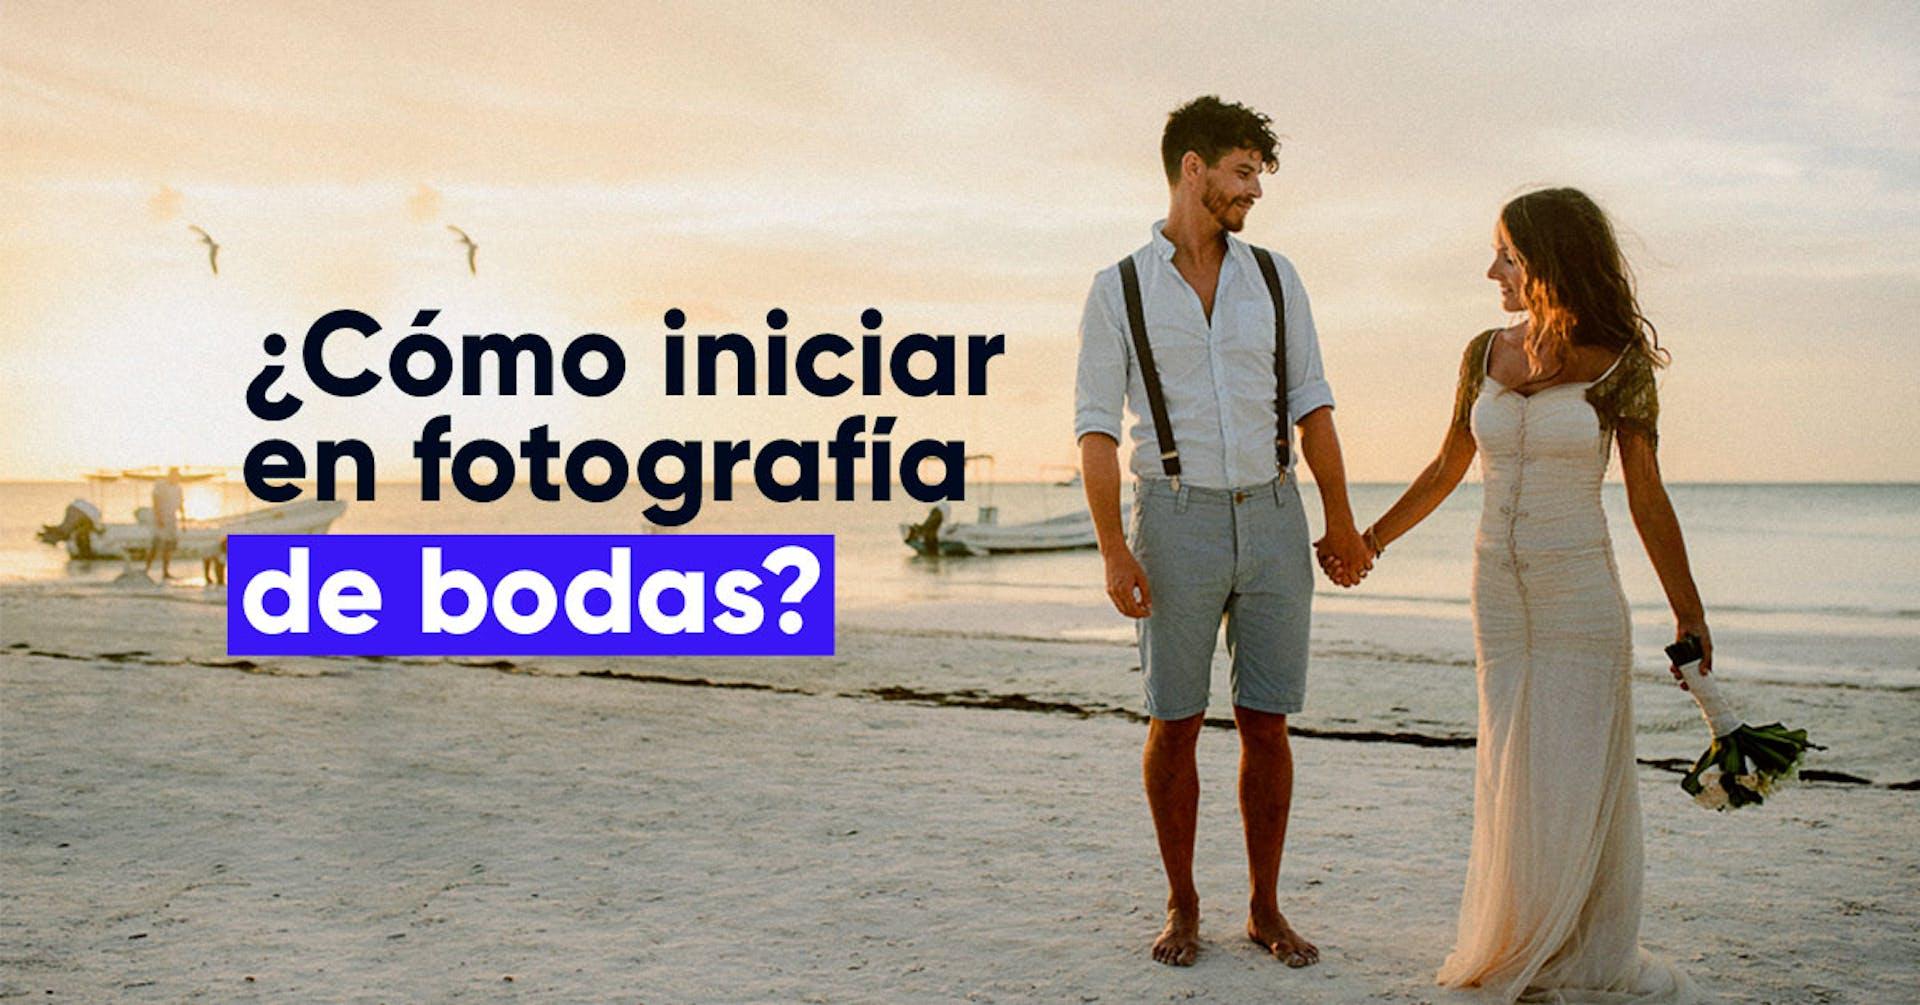 Dejó la administración para dedicarse a hacer fotos de bodas, la historia de Bruno Rezza